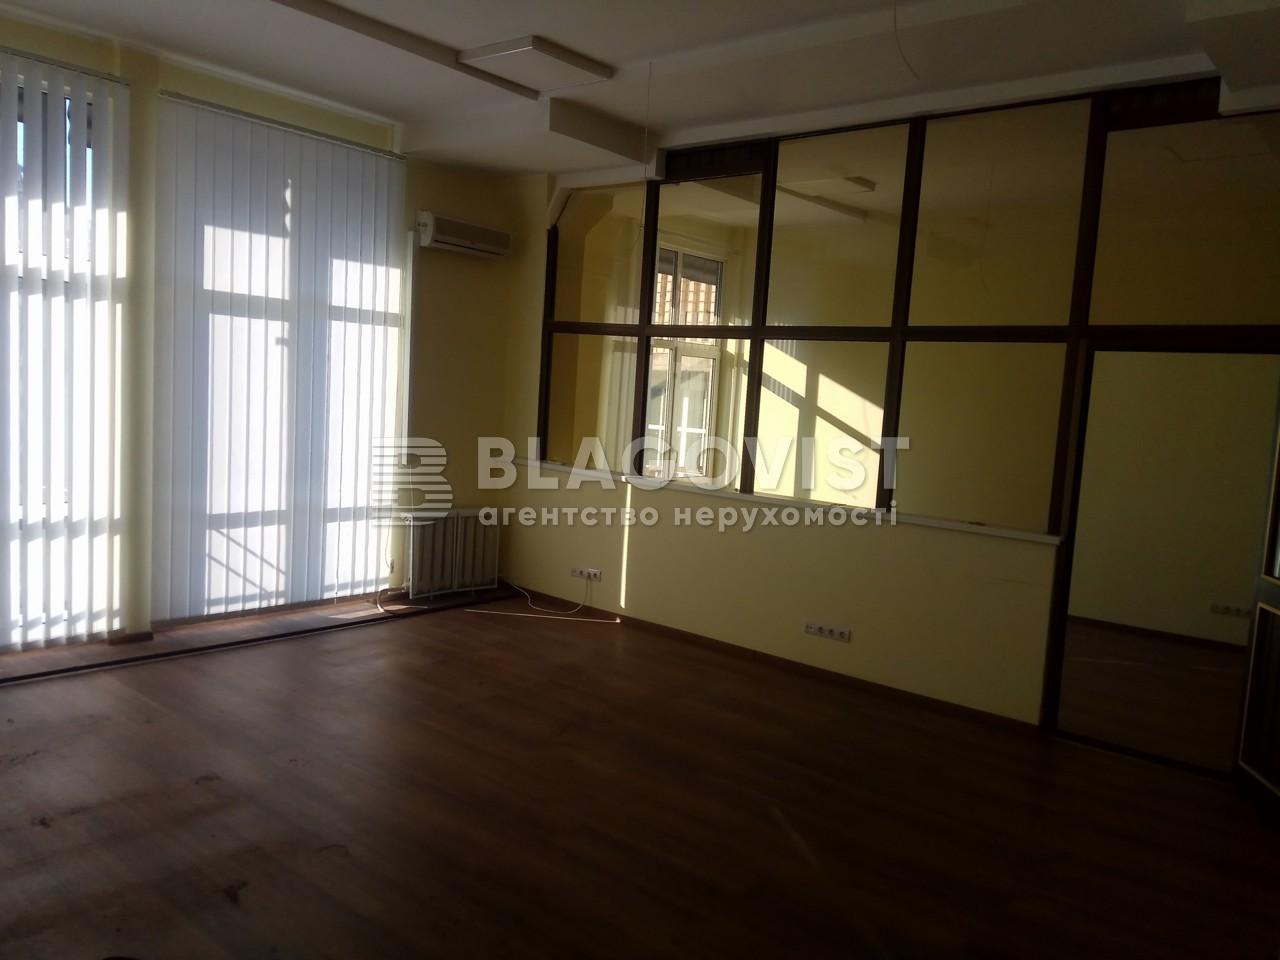 Нежитлове приміщення, P-30038, Дніпровська наб., Київ - Фото 12